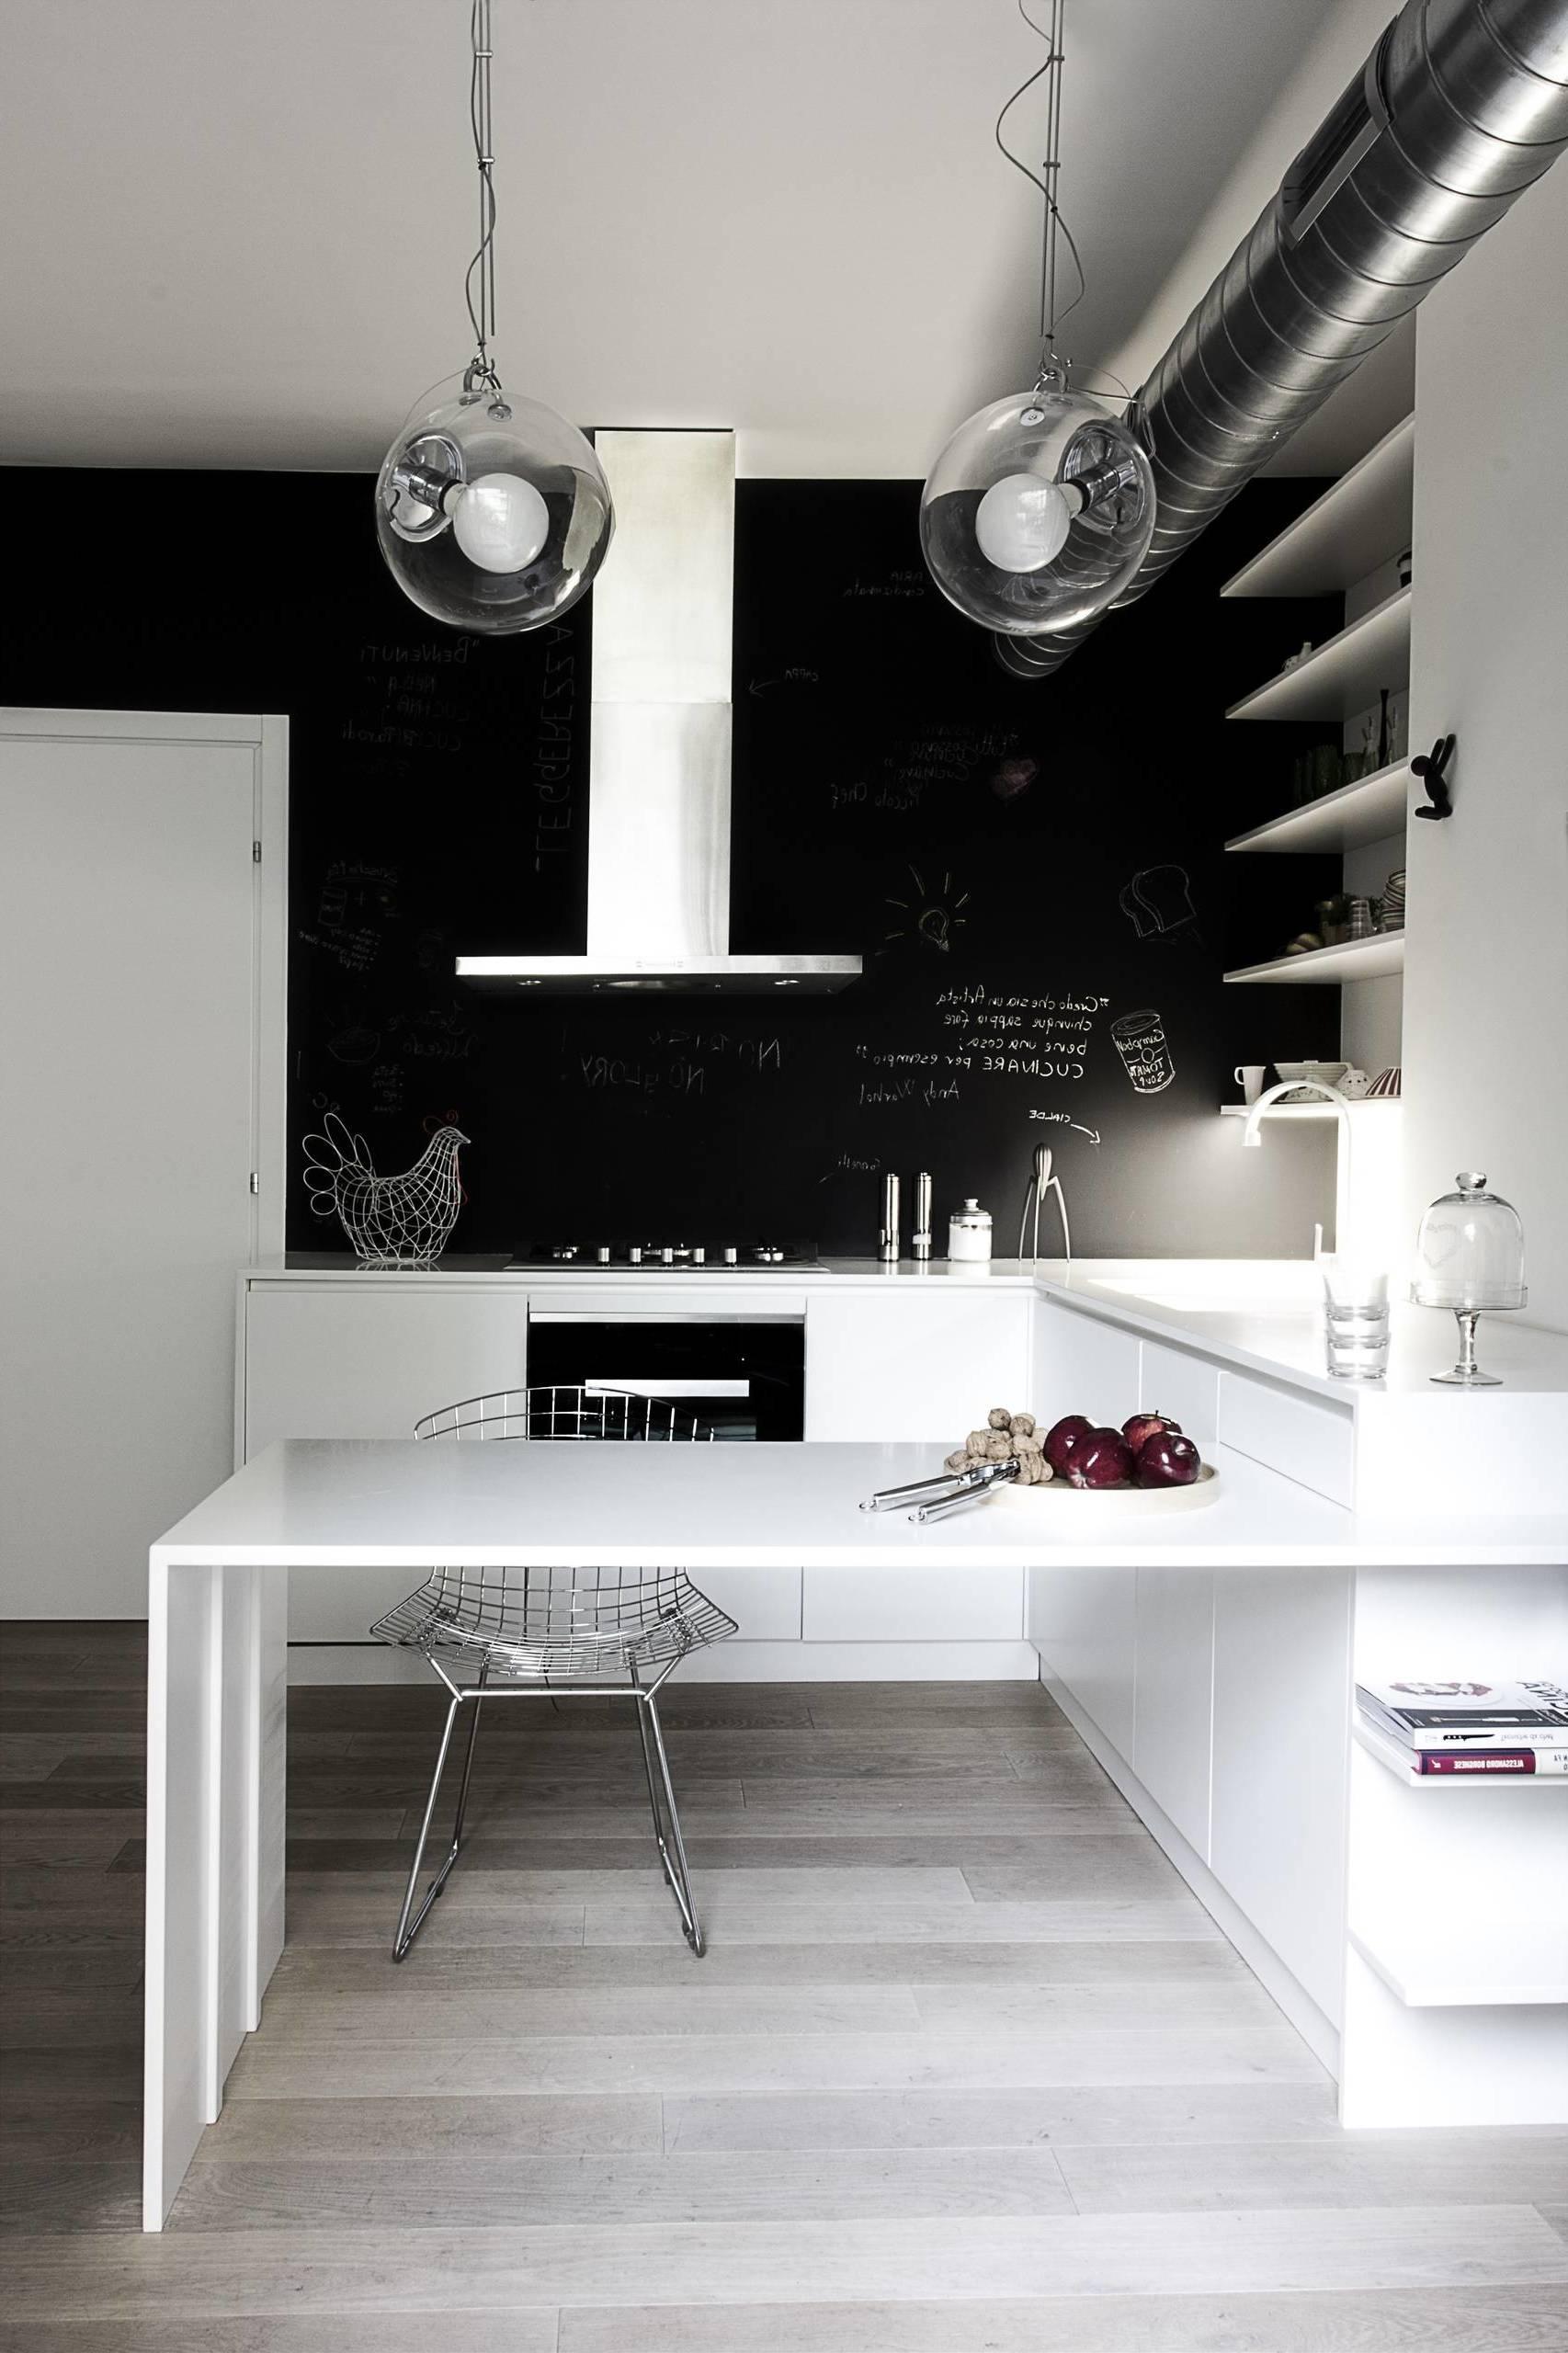 Kreidetafel Küche - modern Interieur